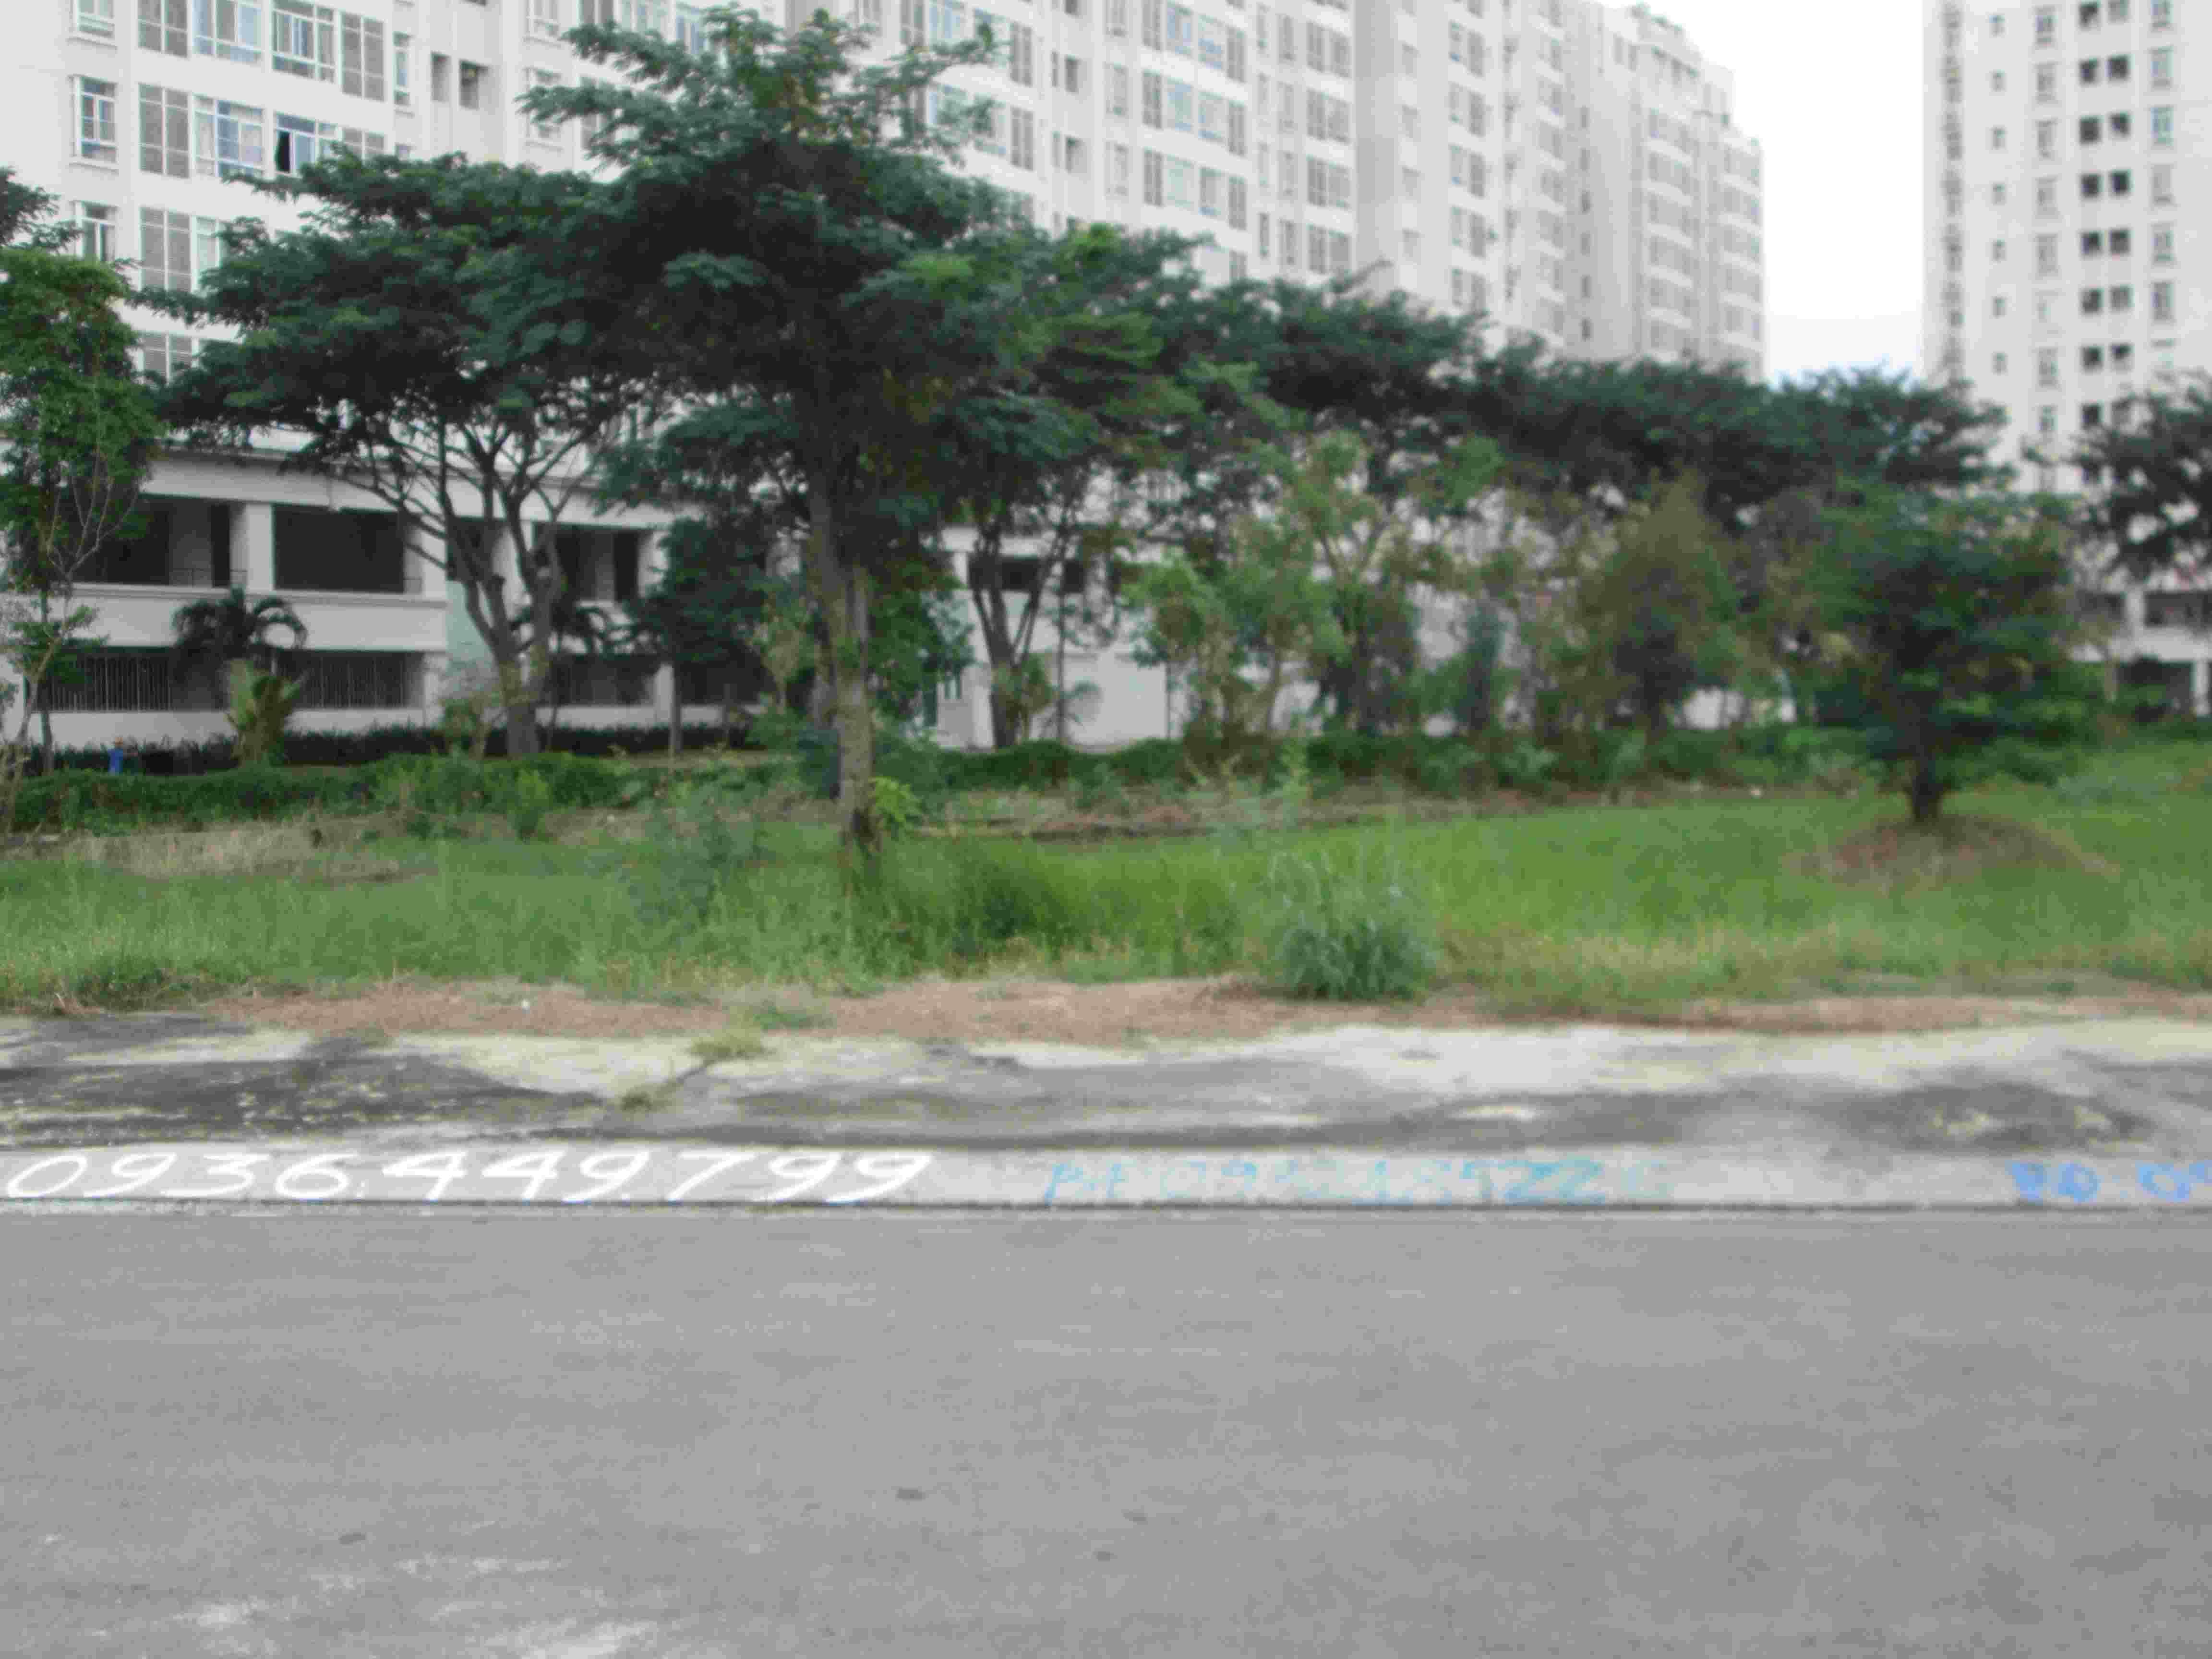 Bán gấp đất nền dự án Sadeco Nghỉ Ngơi Giải Trí, A52, 250m2, giá 88 triệu/m2, MT đường 25m, đối diện SC Vivo City